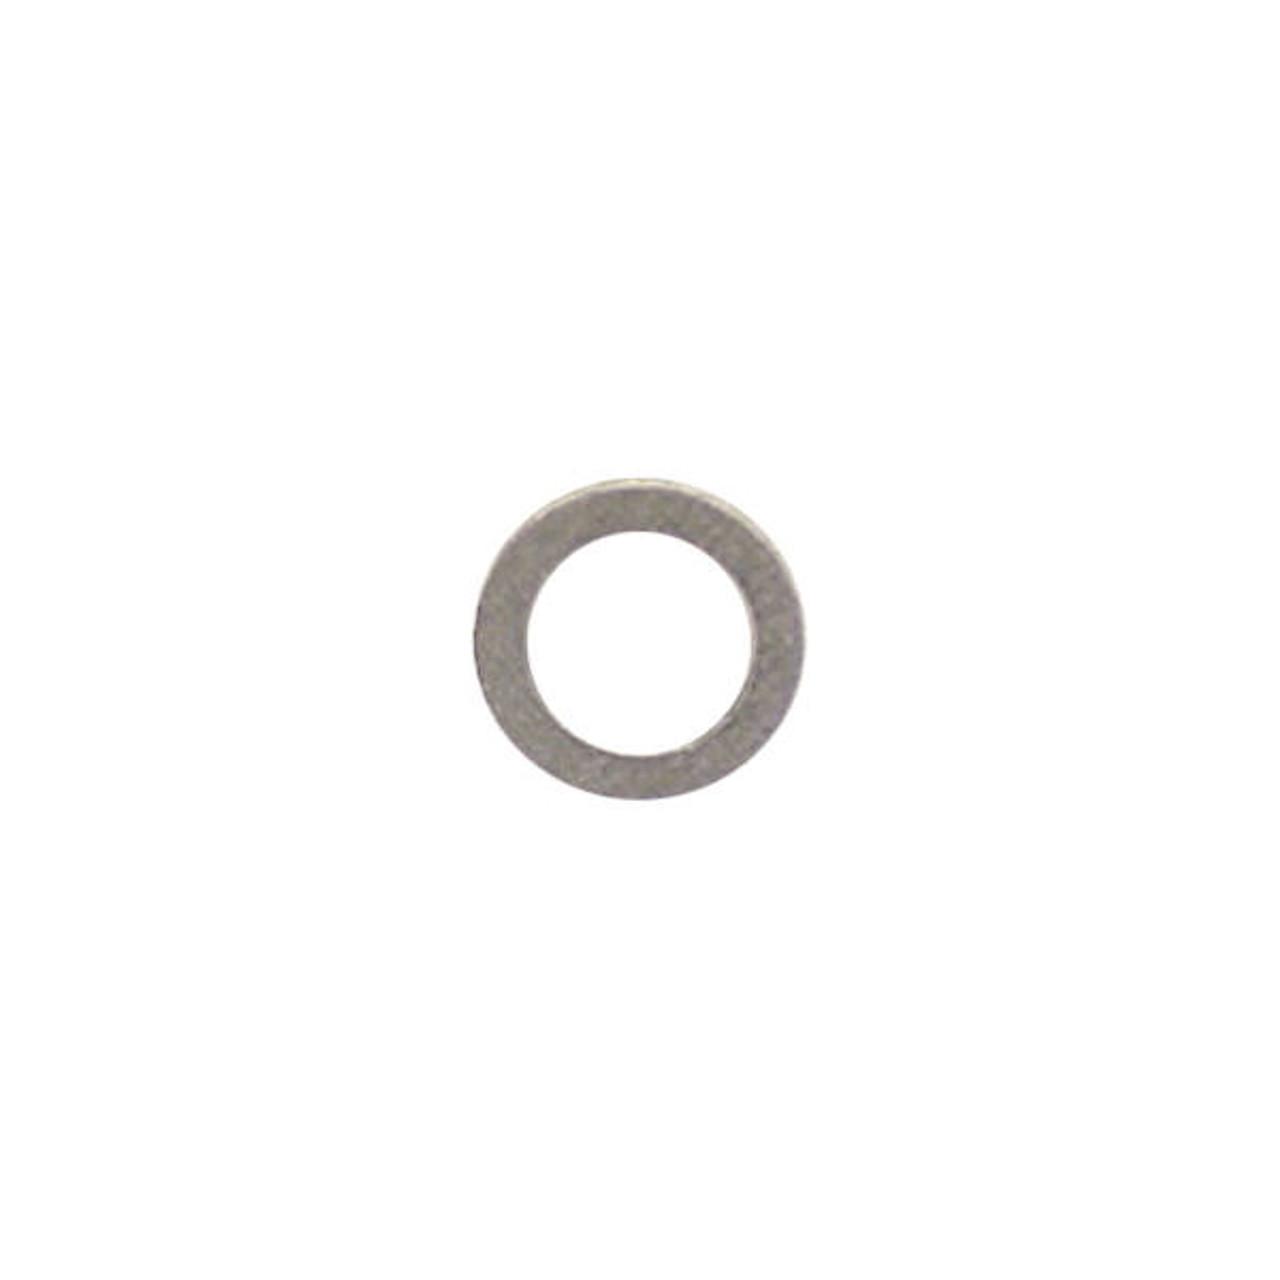 Replaces 12-191833 Mercury Gearcase Drain Plug Gasket 4 Pack